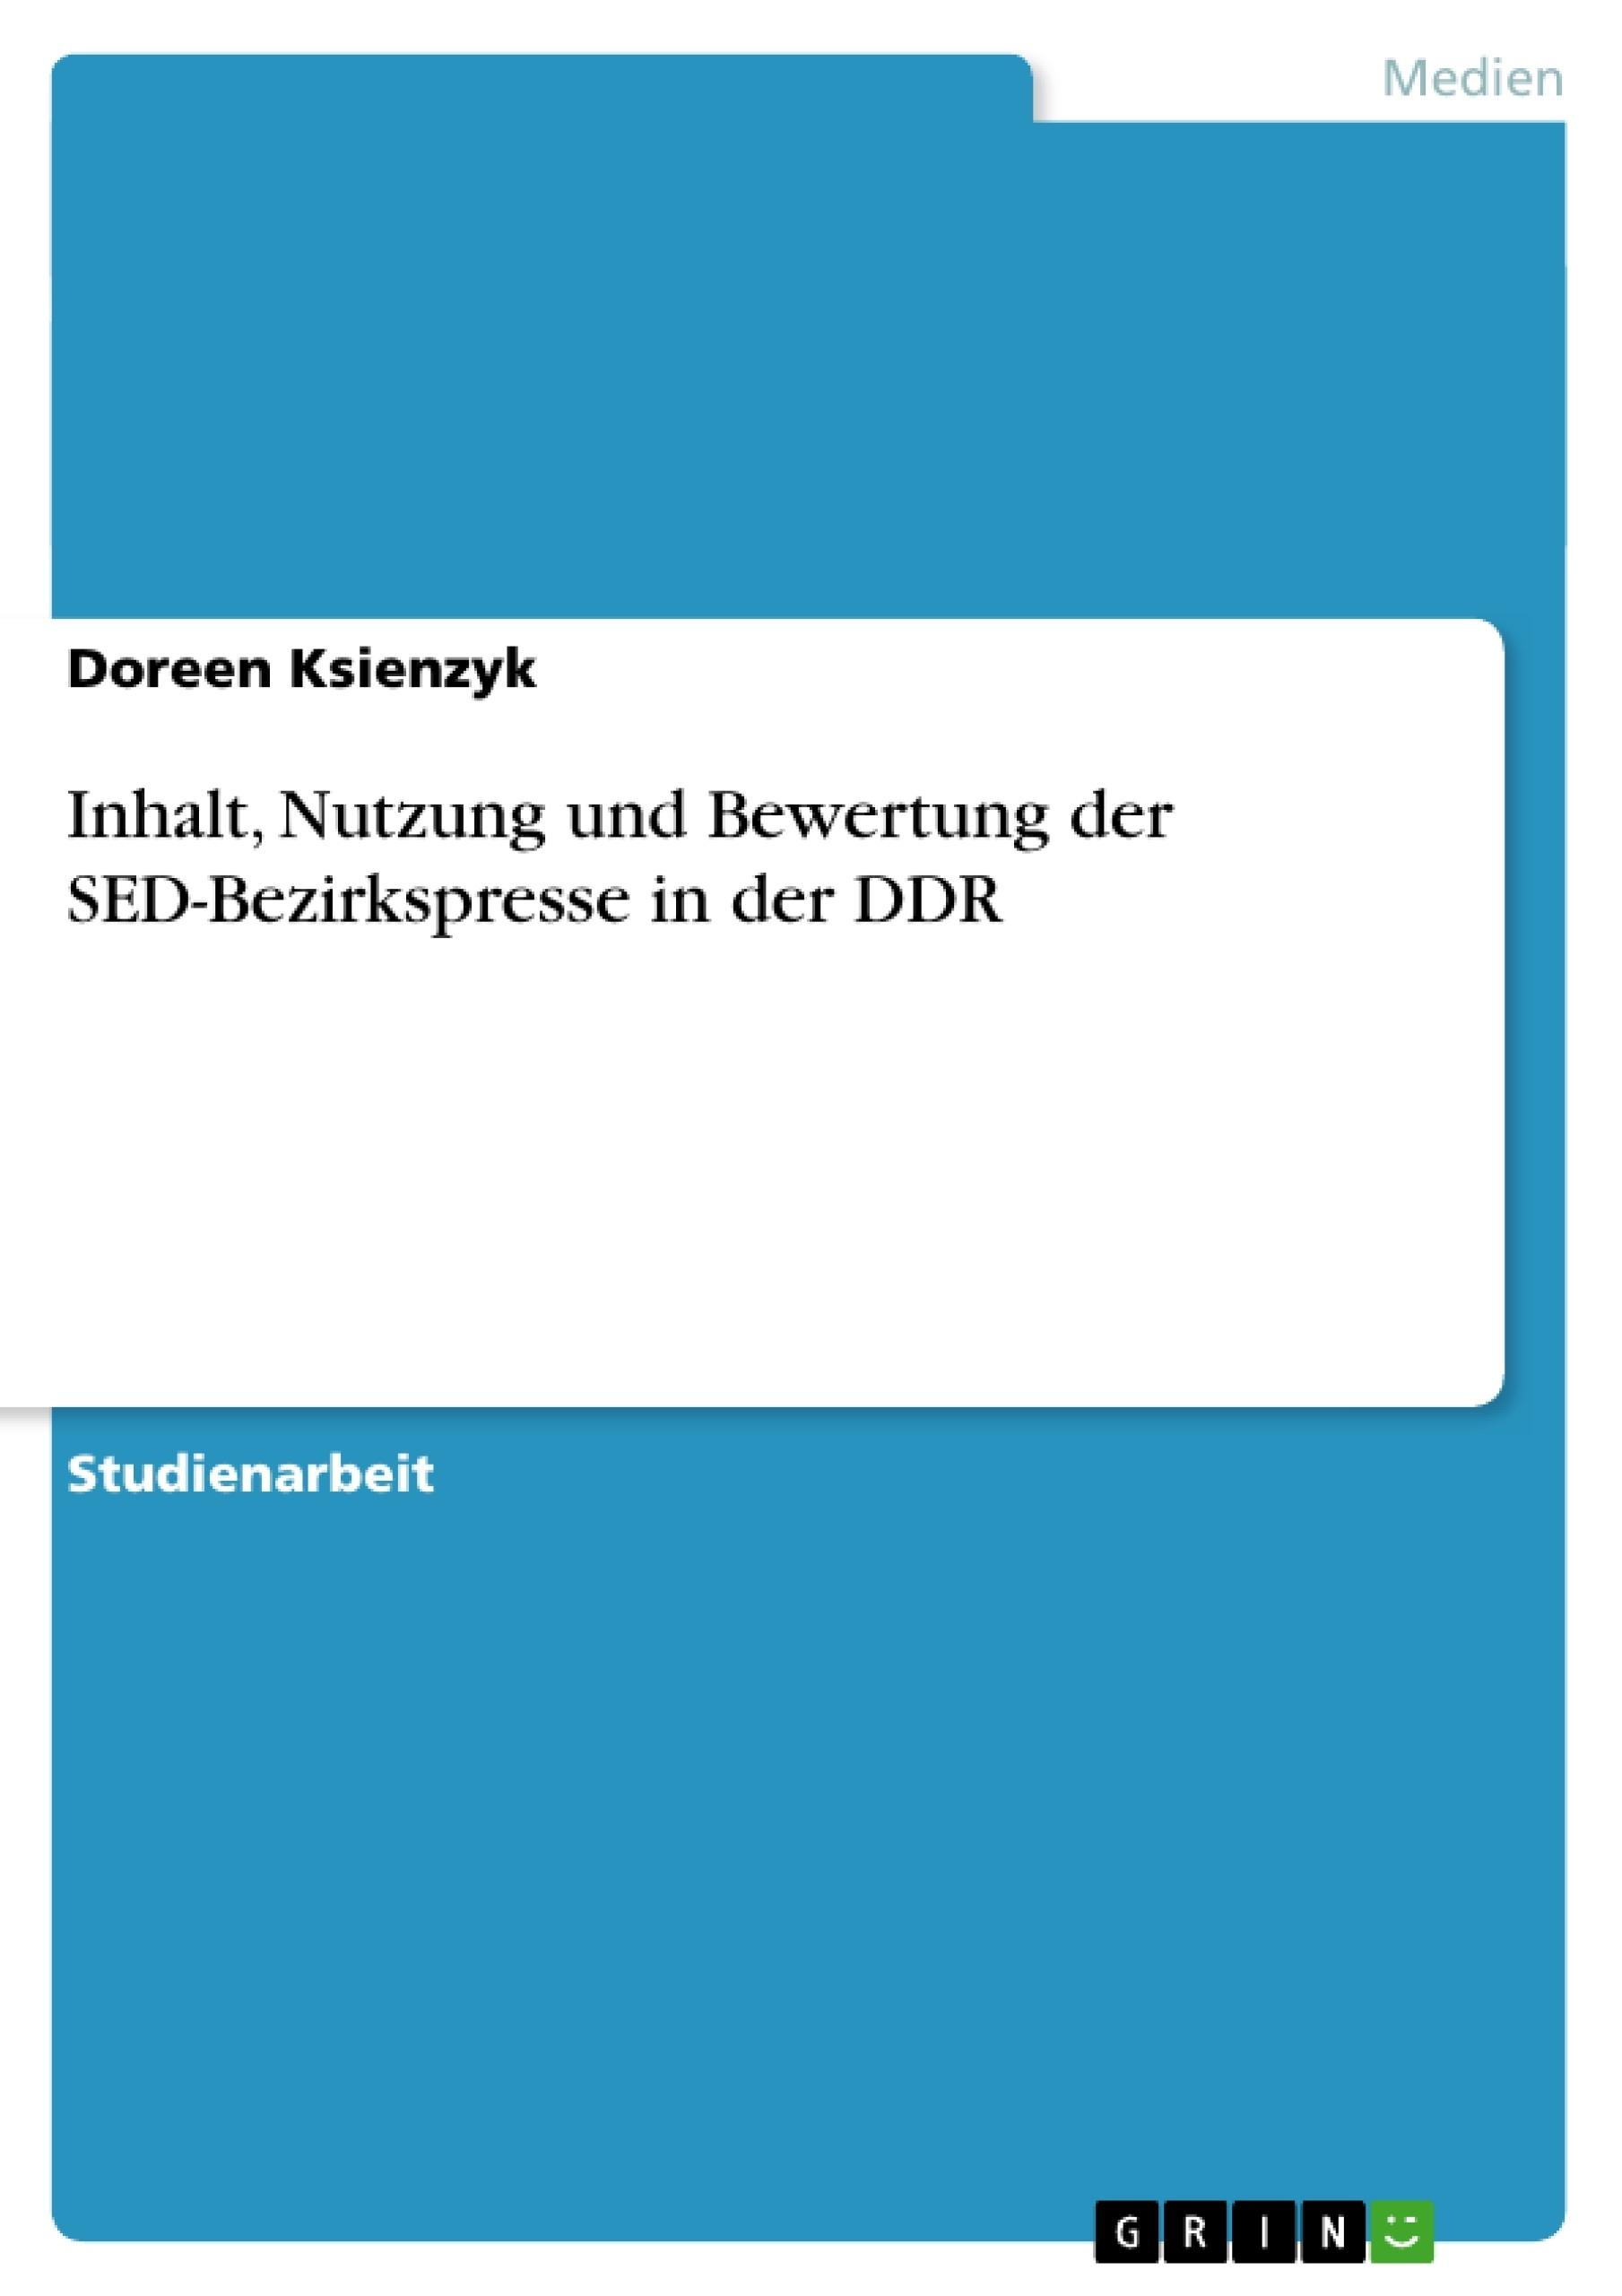 Titel: Inhalt, Nutzung und Bewertung der SED-Bezirkspresse in der DDR